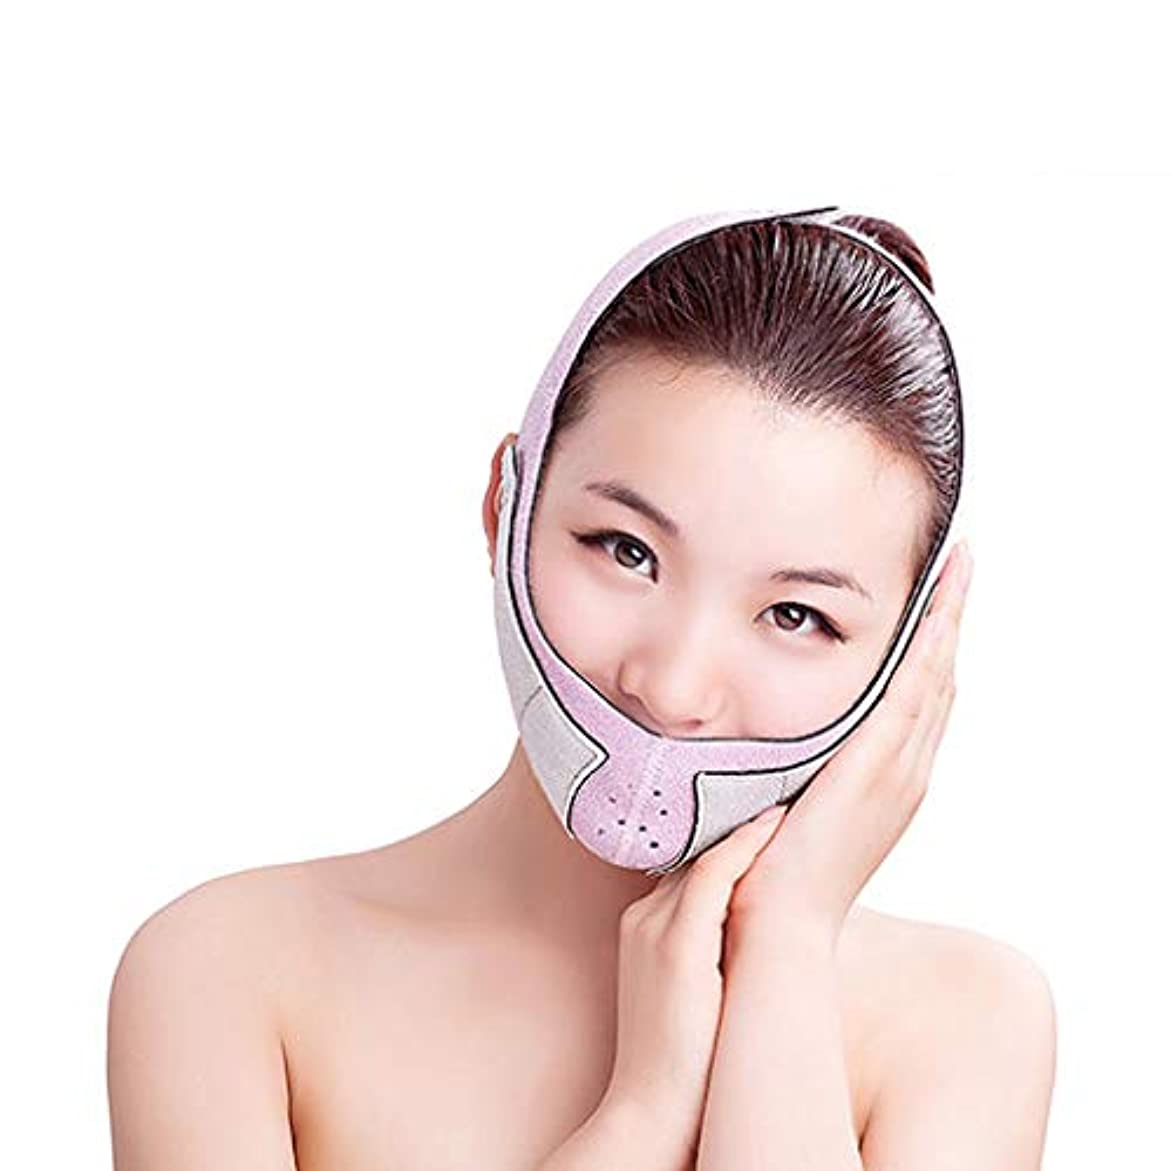 学者ペダル料理をする減量マスク頬の皮膚会社顎顔リフトマスクマイクロリカバリー固定包帯